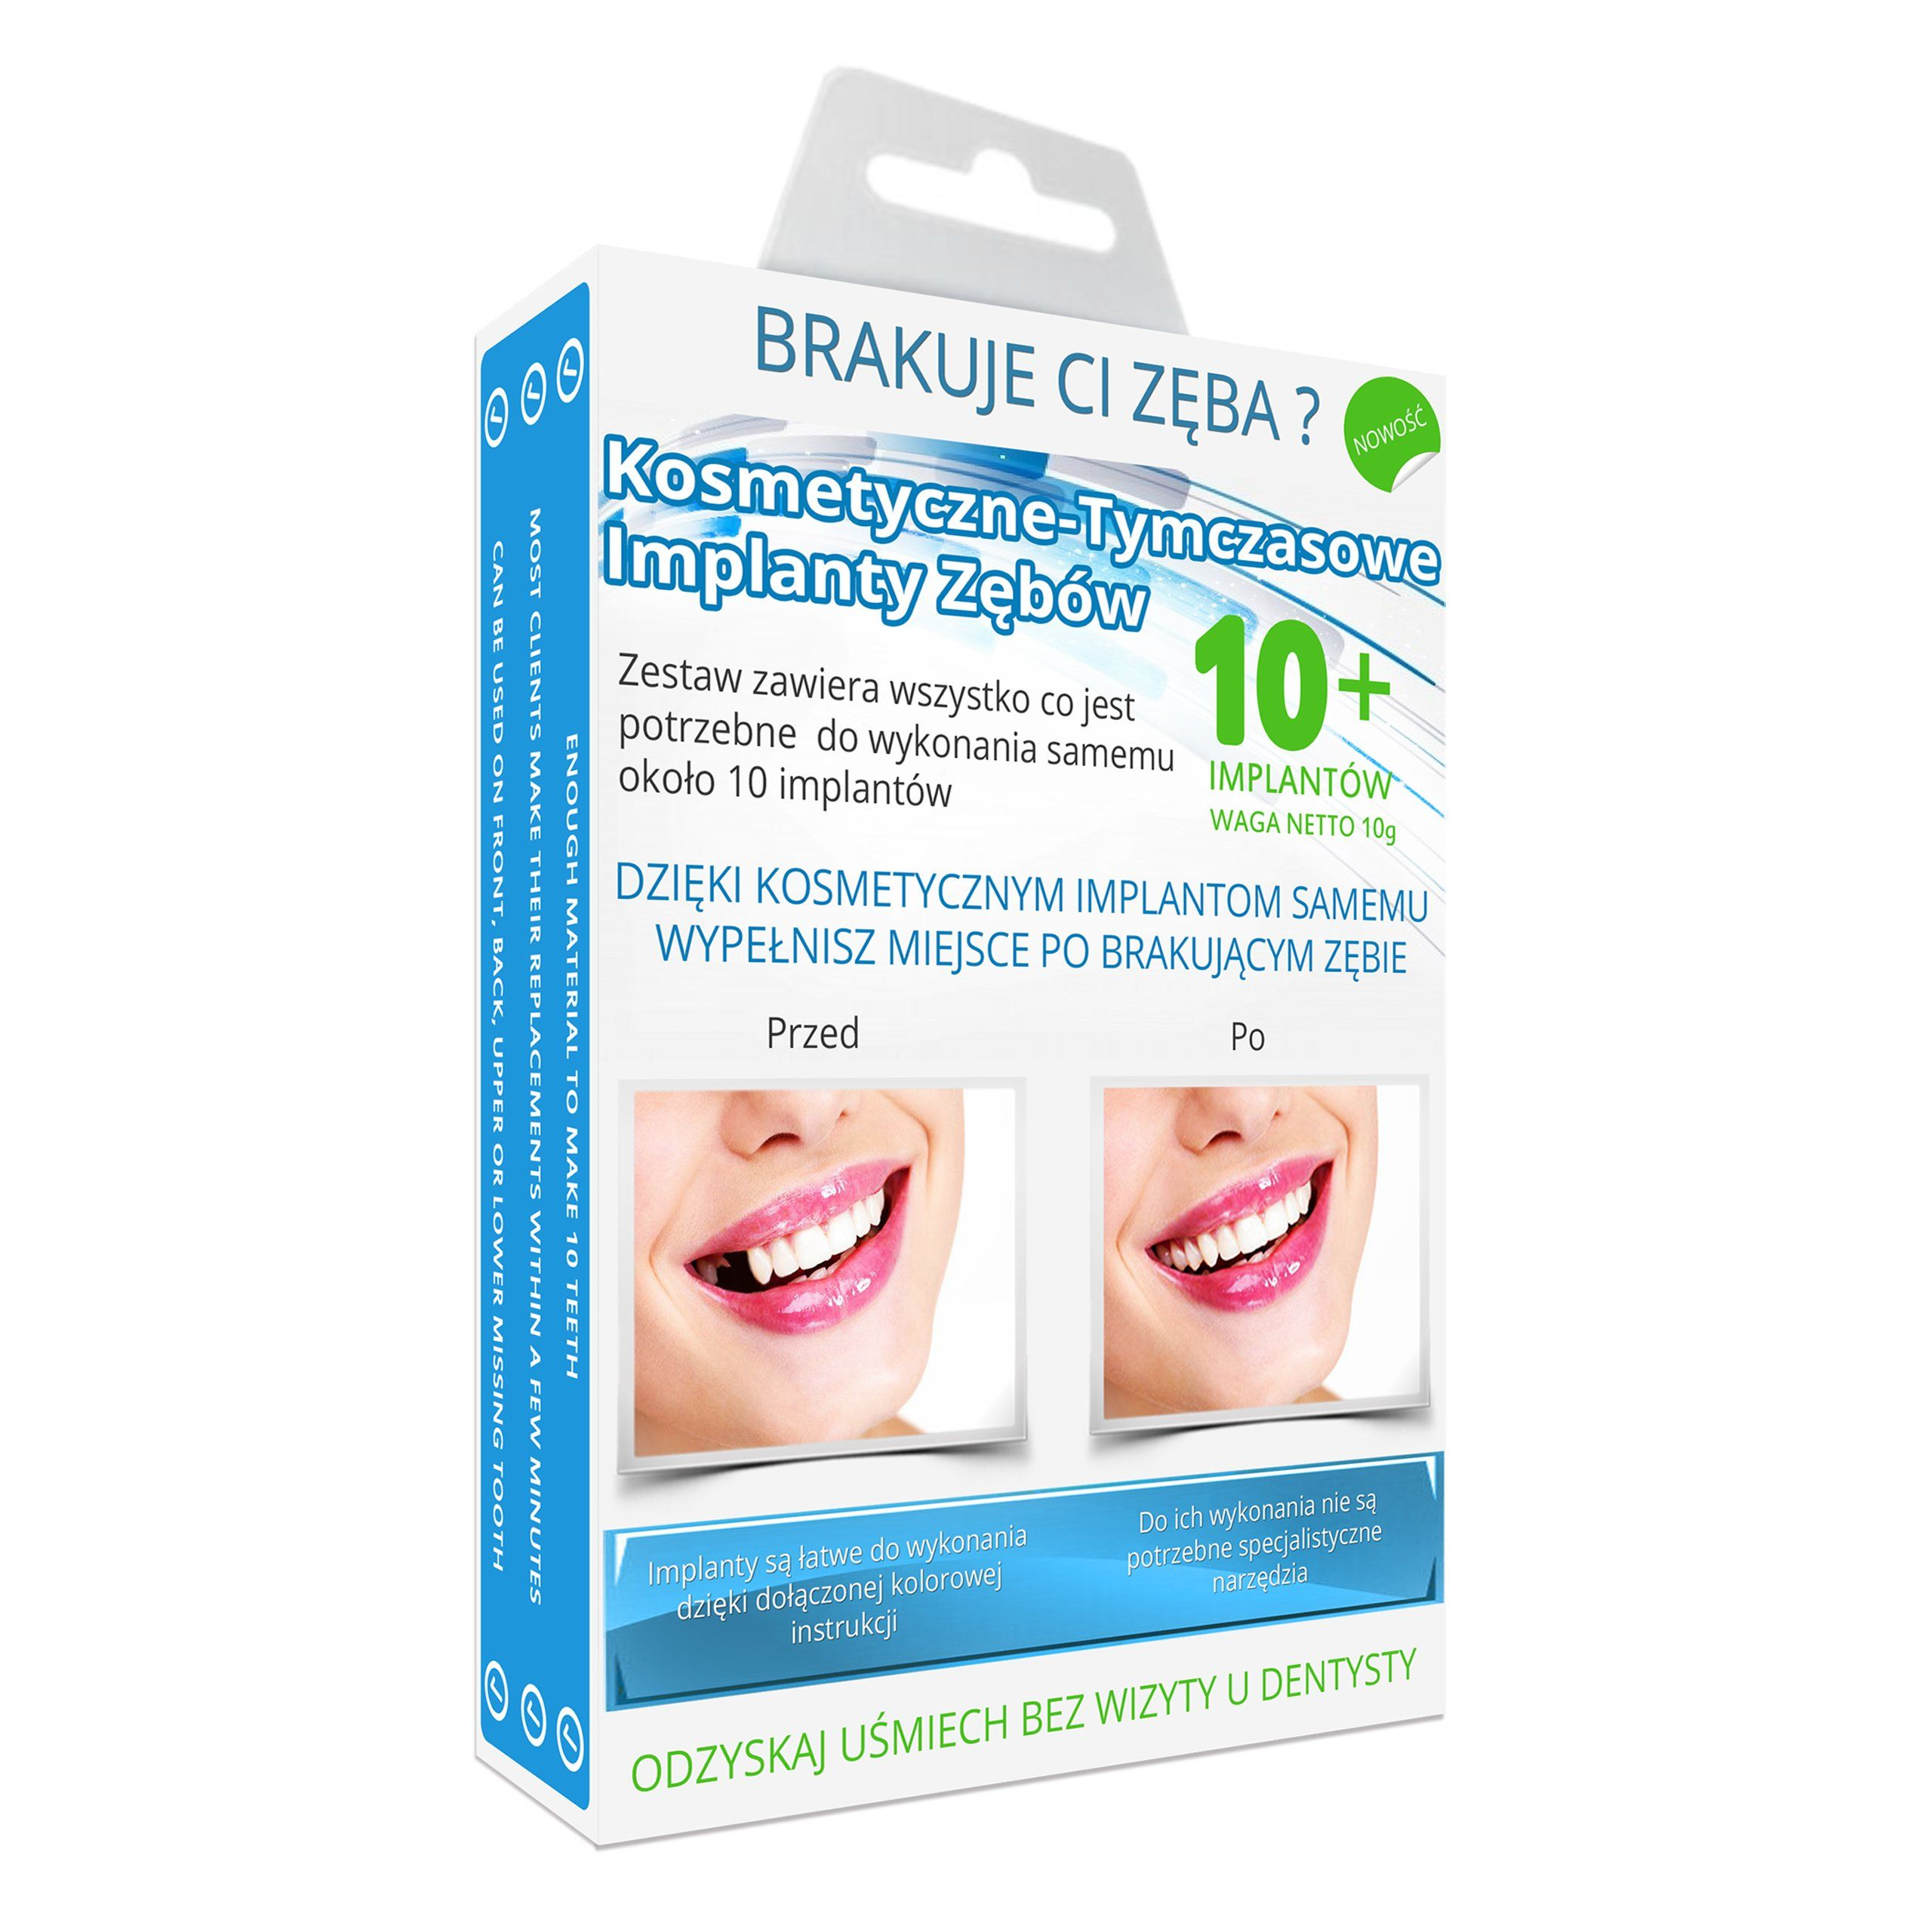 Sztuczne Zeby Tymczasowe Kosmetyczne Implanty Personal Care Toothpaste Beauty